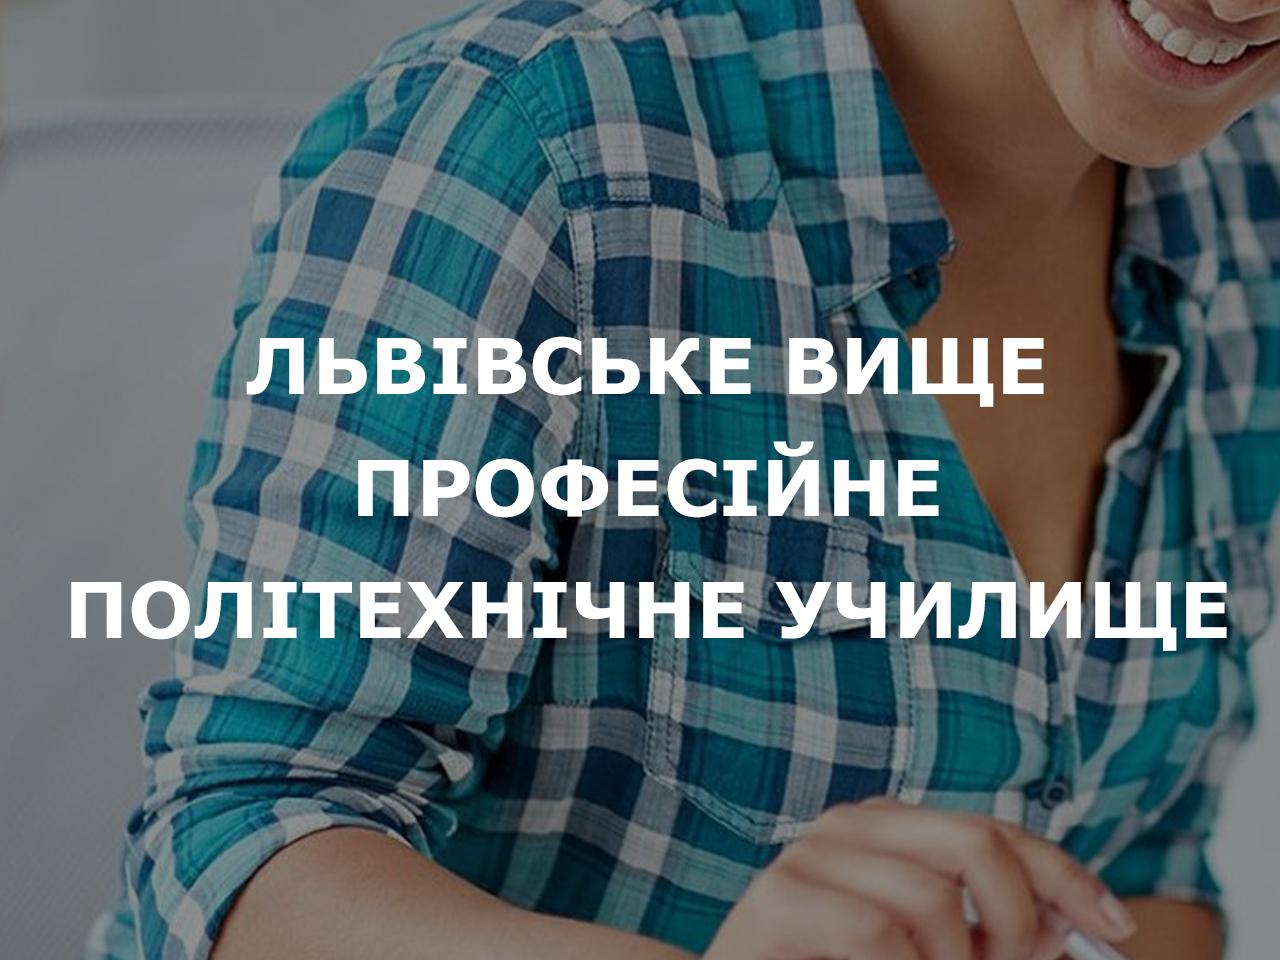 Львівське вище професійне політехнічне училище